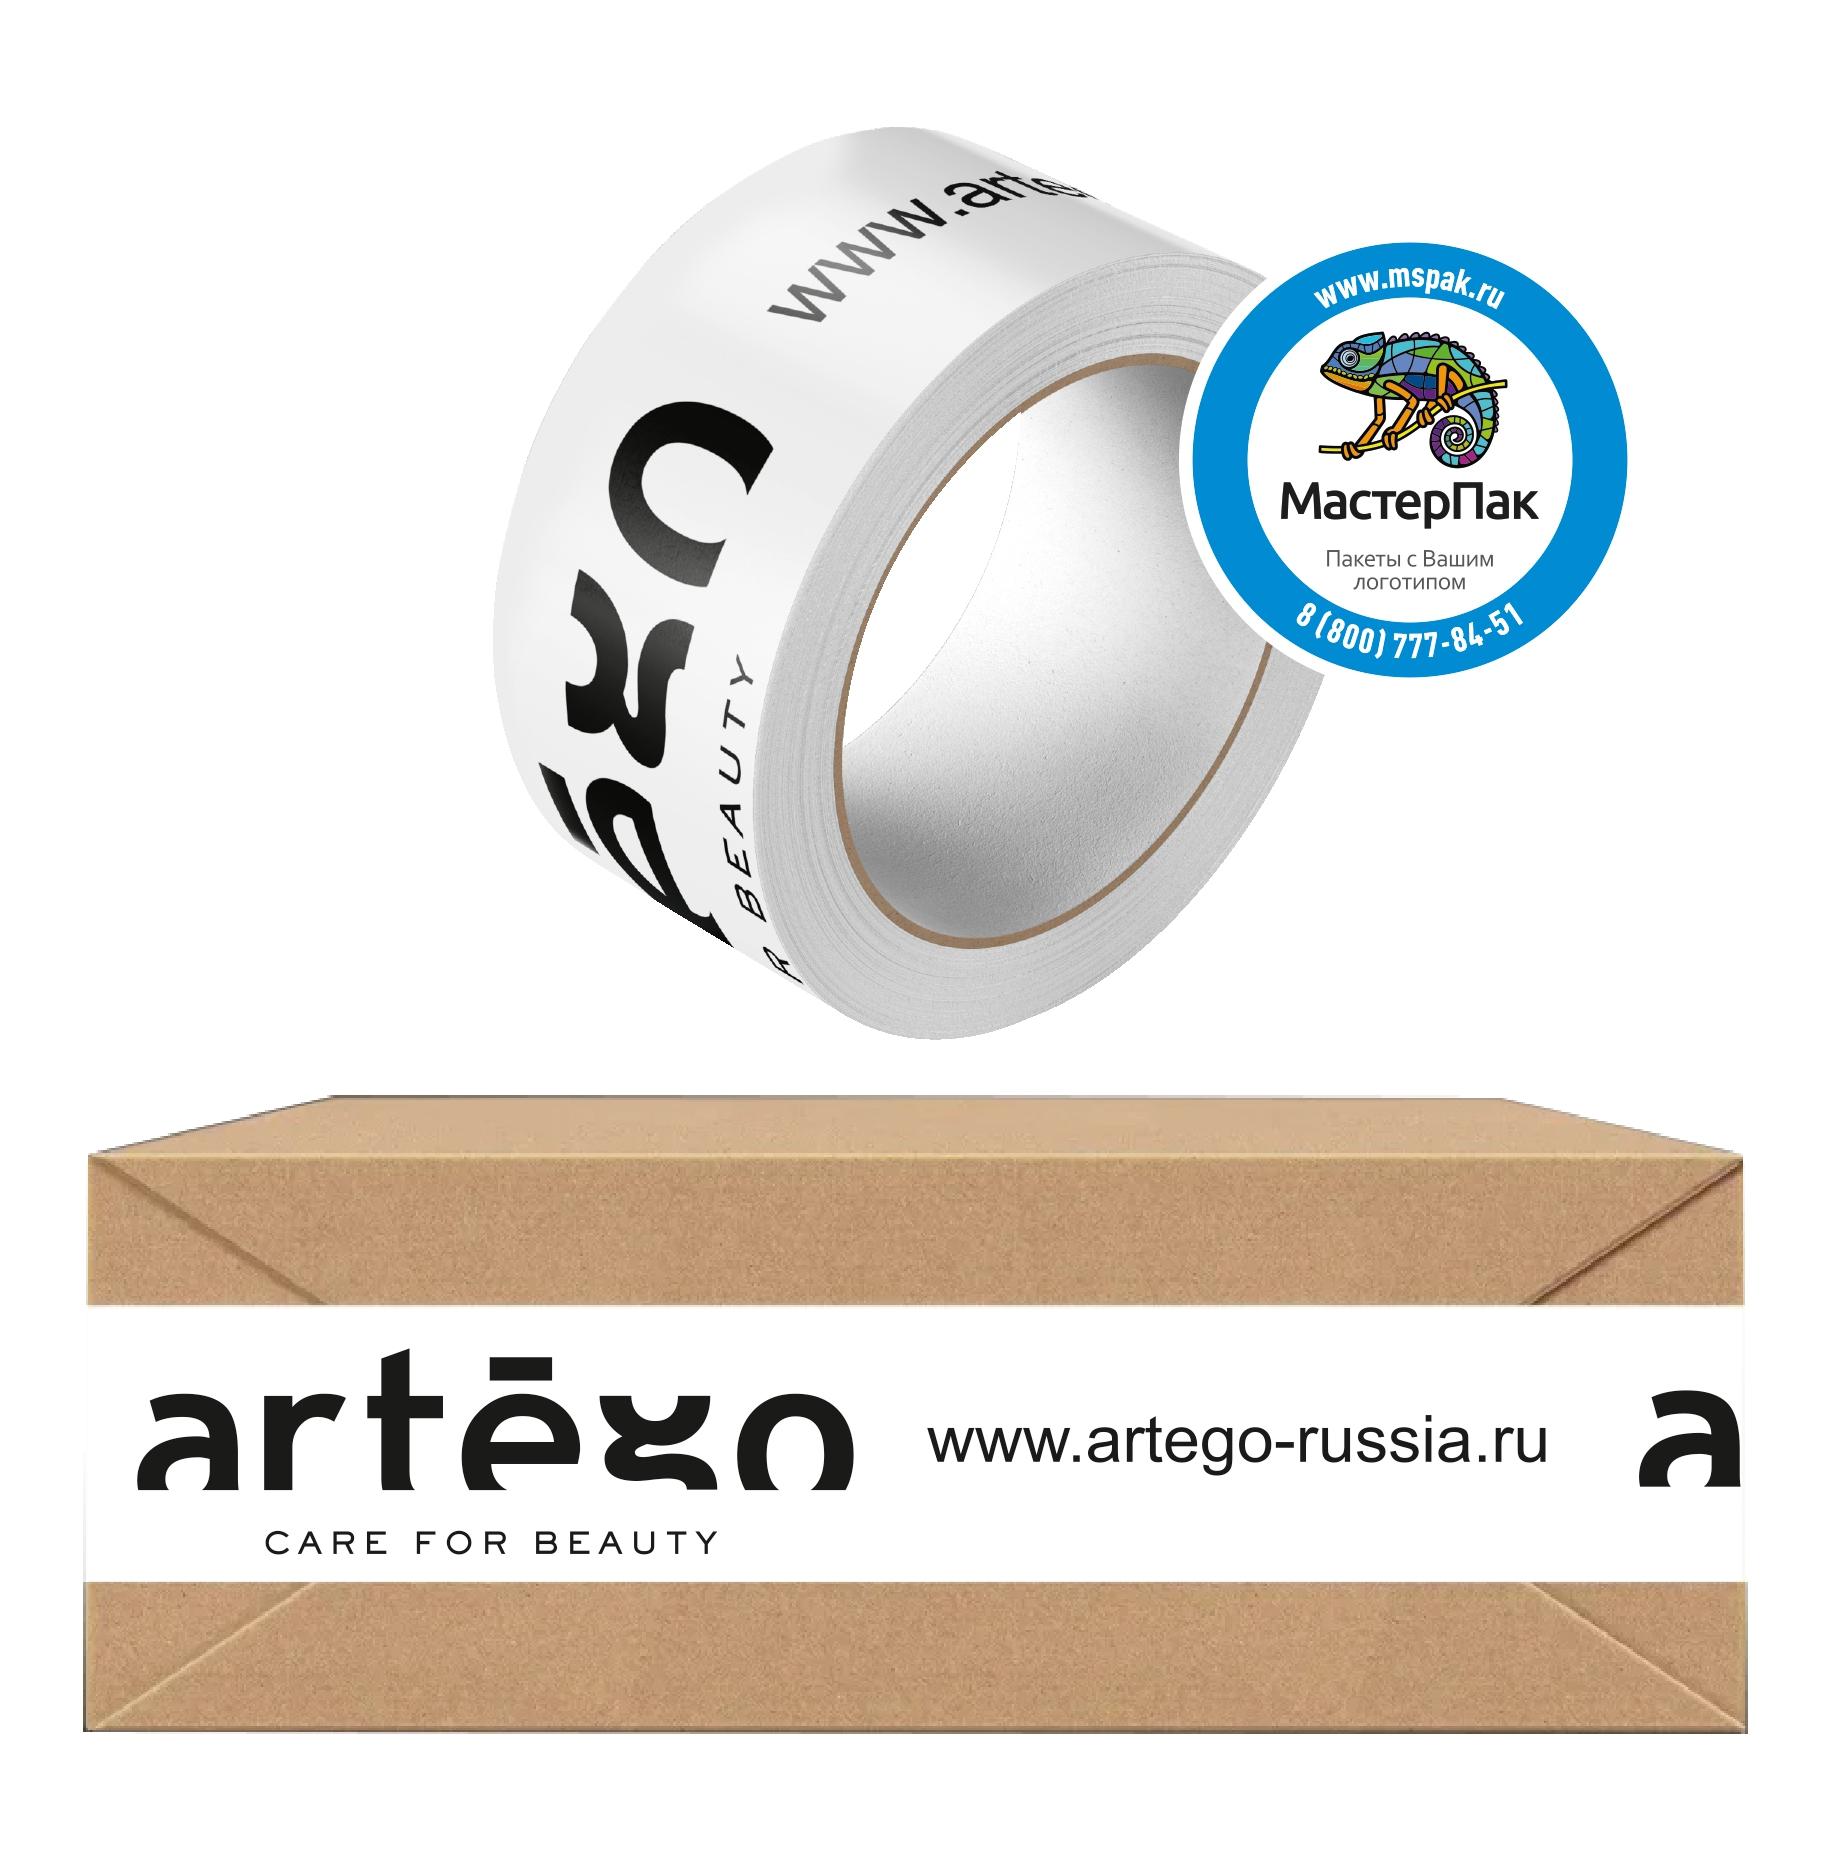 Скотч с логотипомARTEGO, 50 метров, 45 мкм, Москва